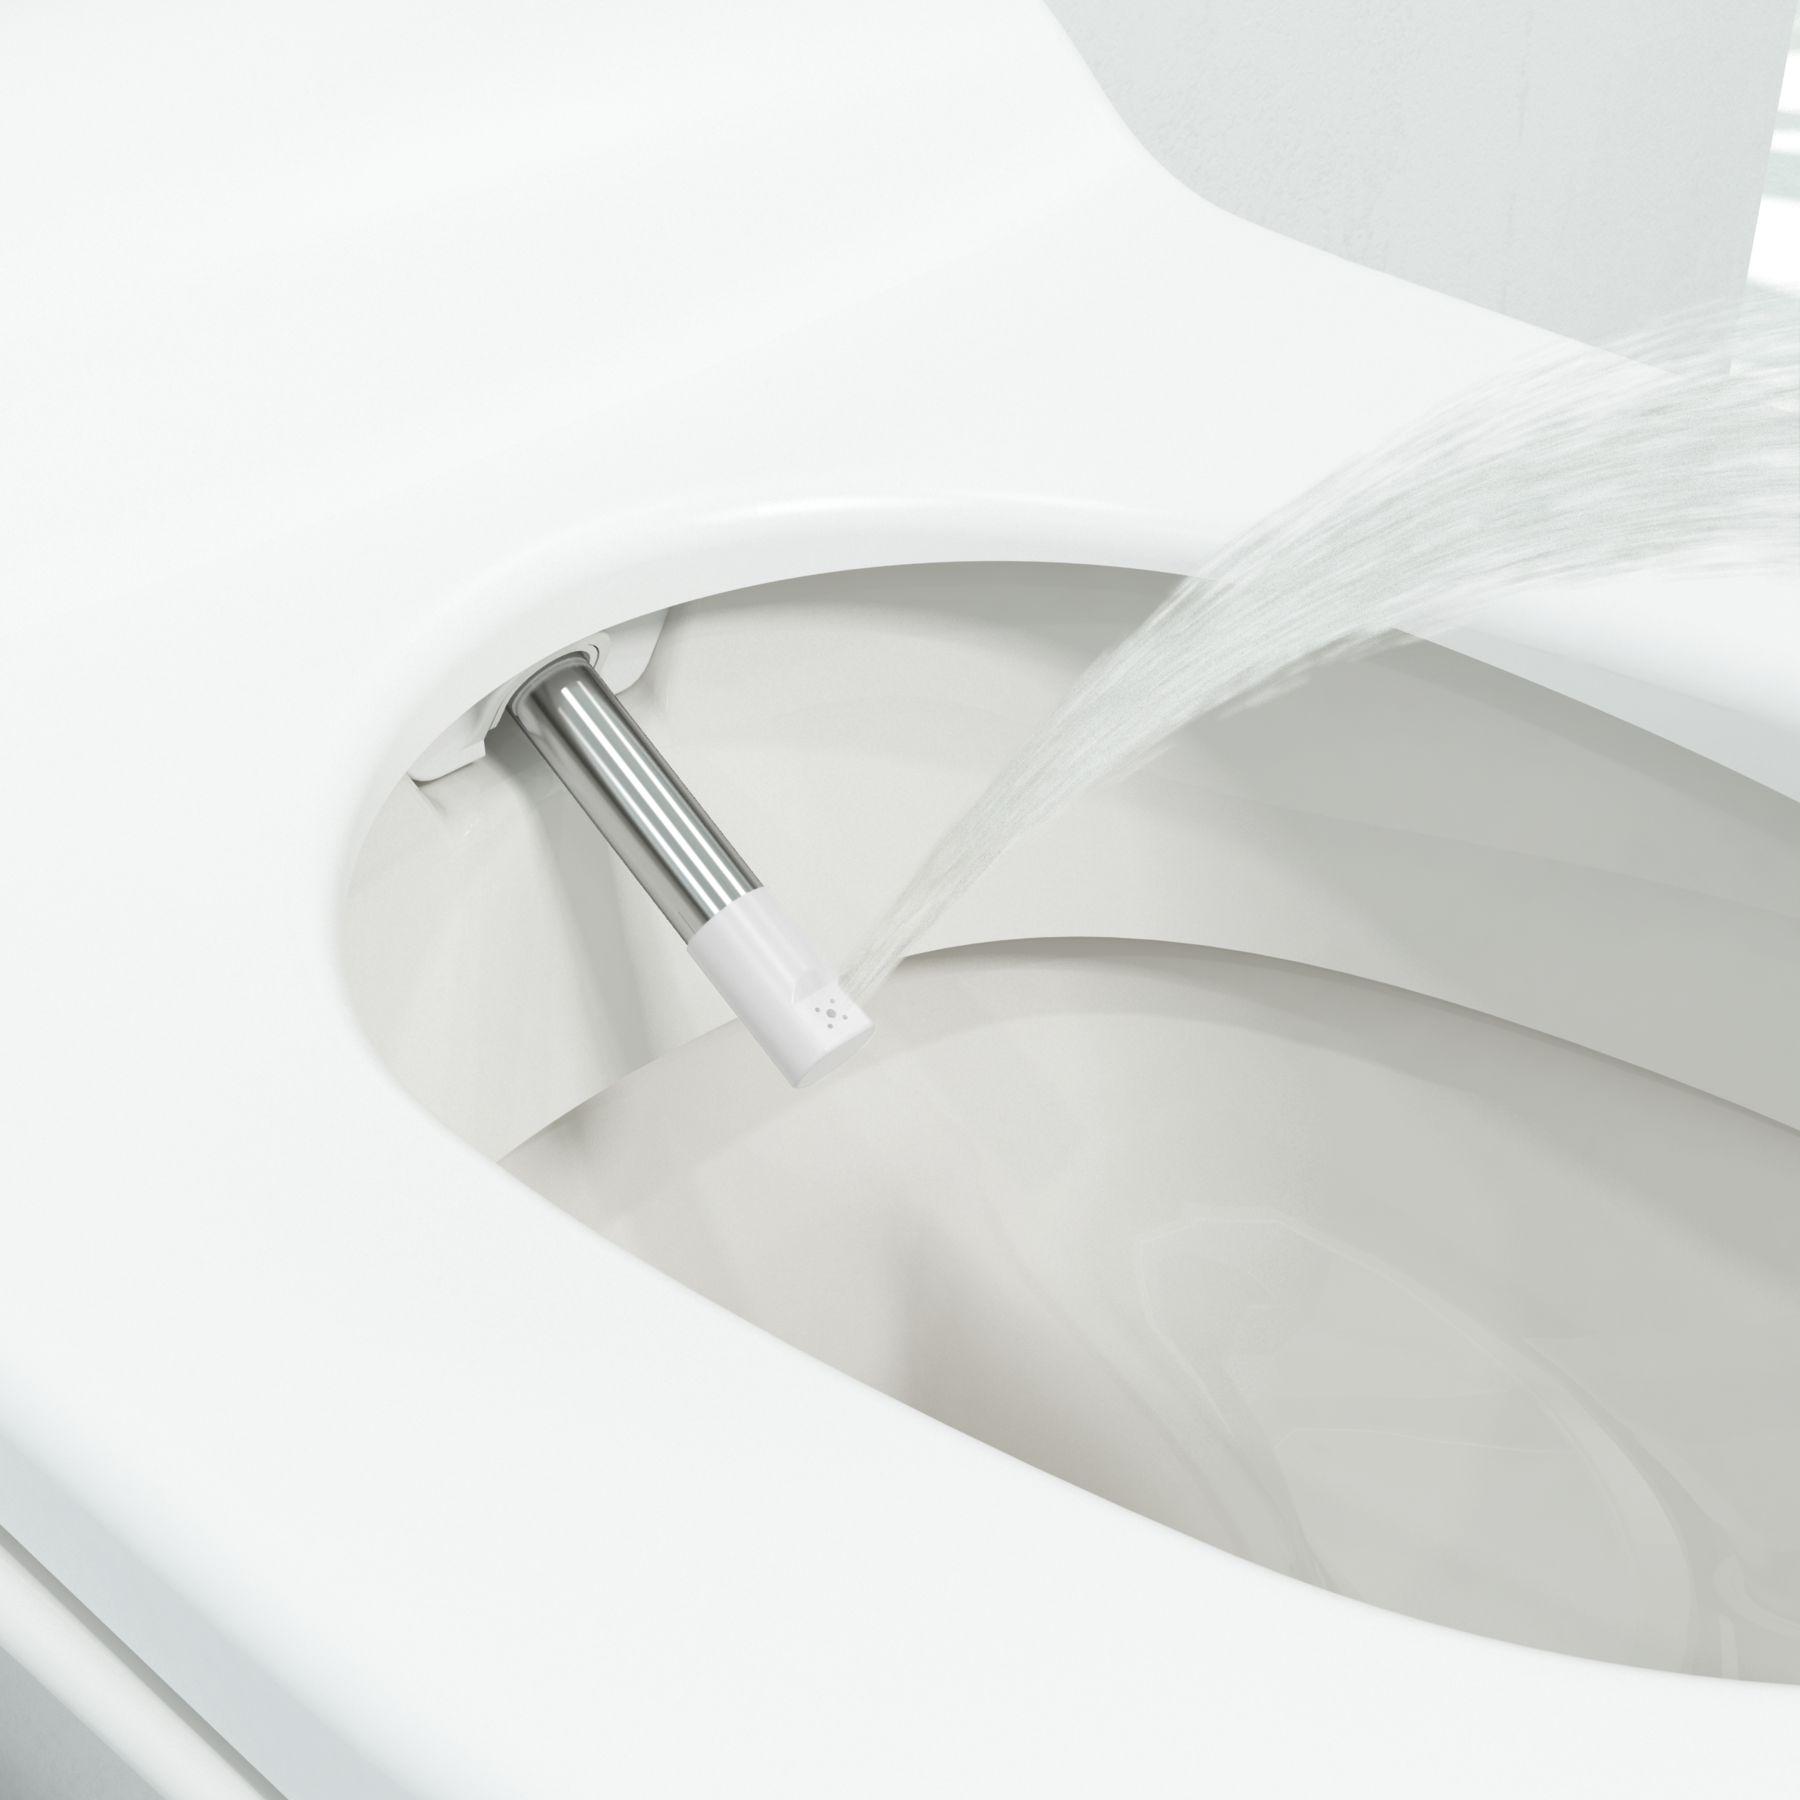 Geberit Aquaclean Sela toiletdouche